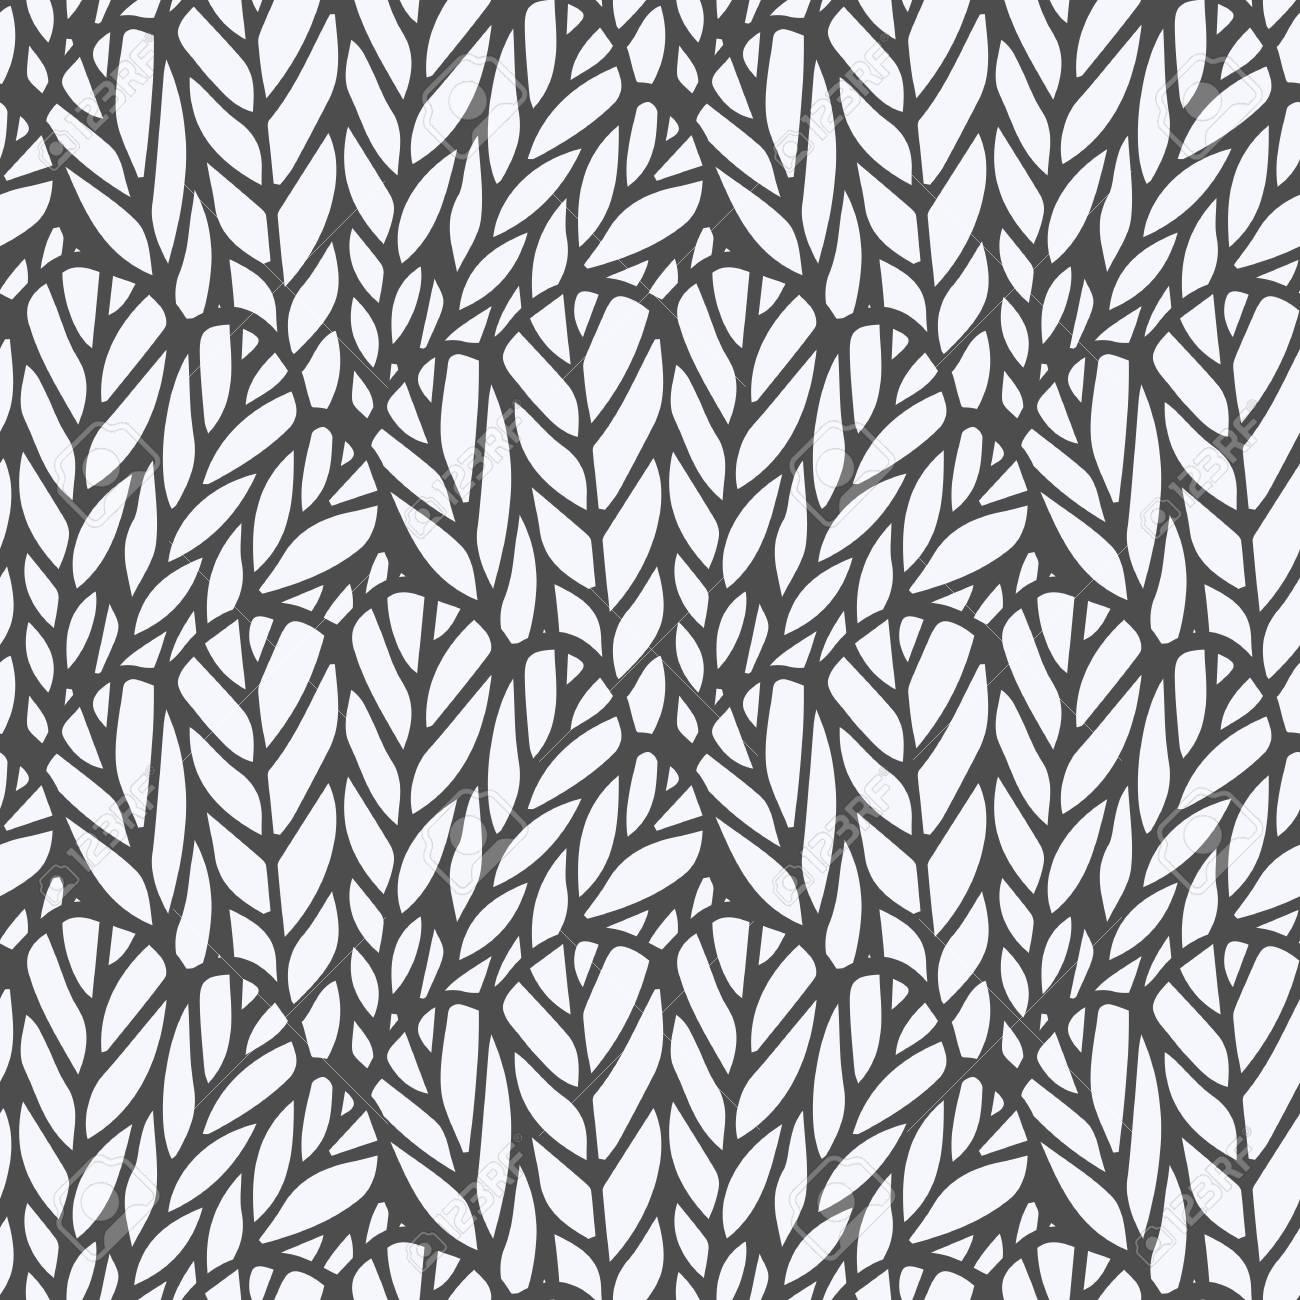 Nett Doppelhäkeln Dishcloth Muster Ideen - Strickmuster-Ideen ...